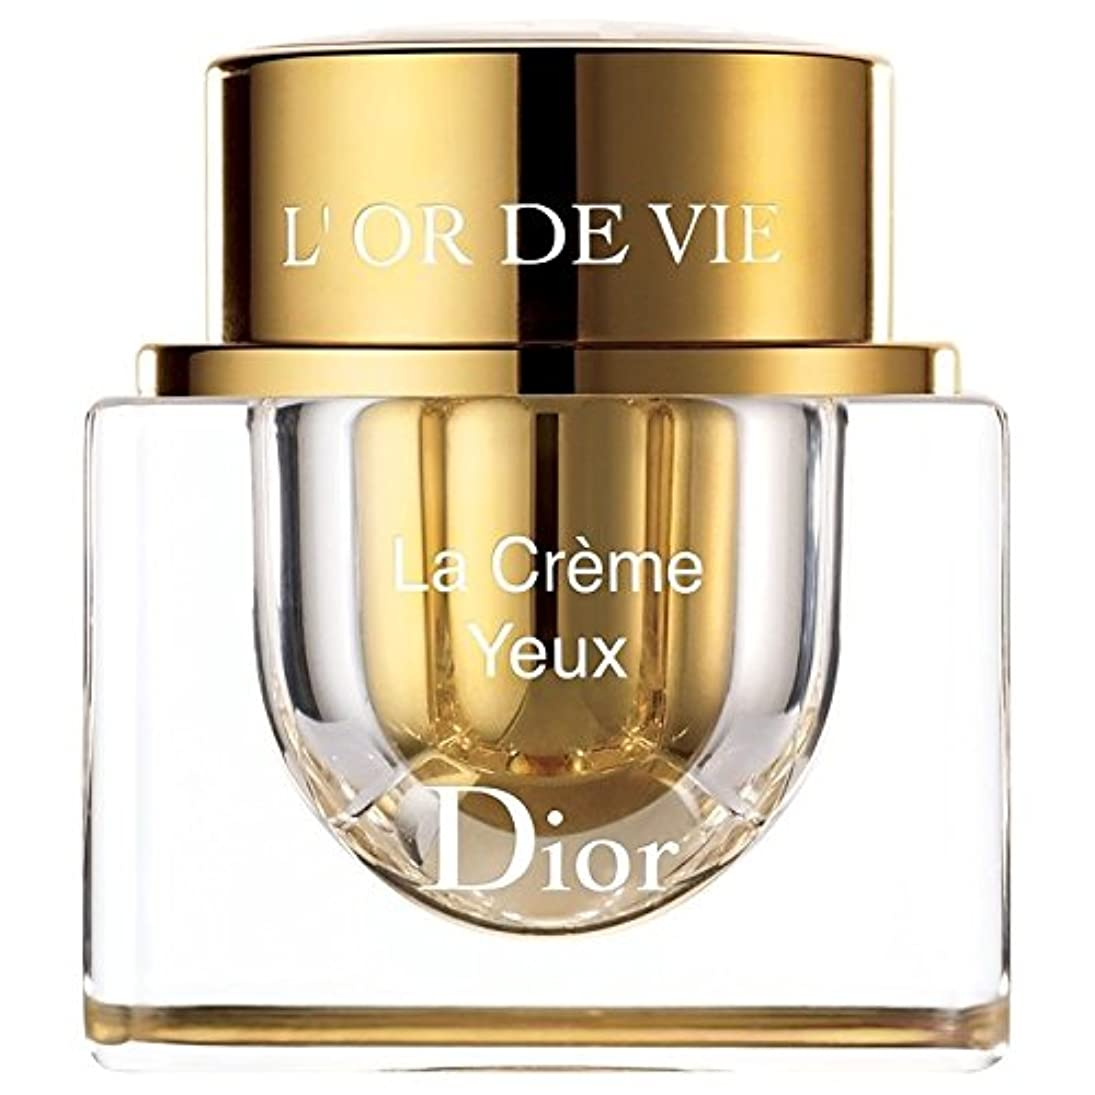 側狂った出来事[Dior] ディオールラクリーム輪郭YeuxらL?vres - リフィル15ミリリットル - Dior La Cr?me Contour Yeux Et L?vres - Refill 15ml [並行輸入品]